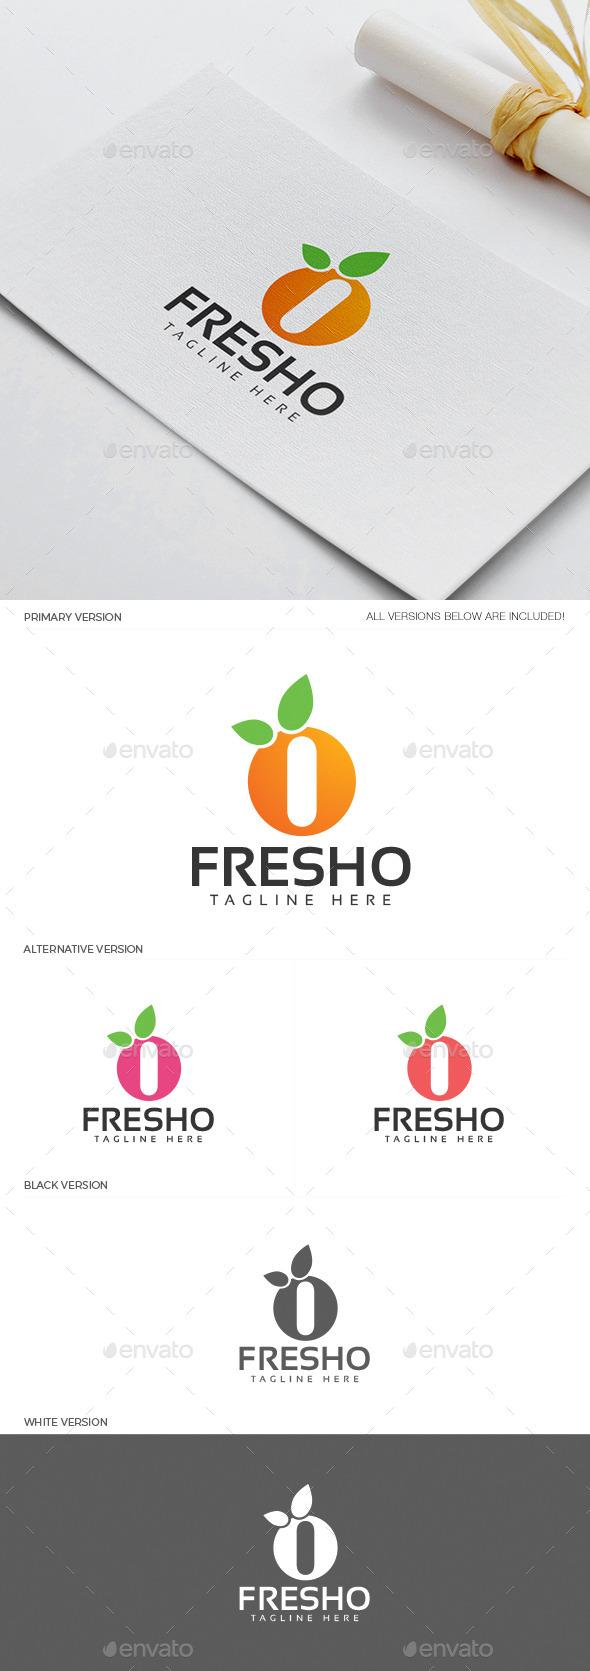 GraphicRiver Fresho Logo 11937860